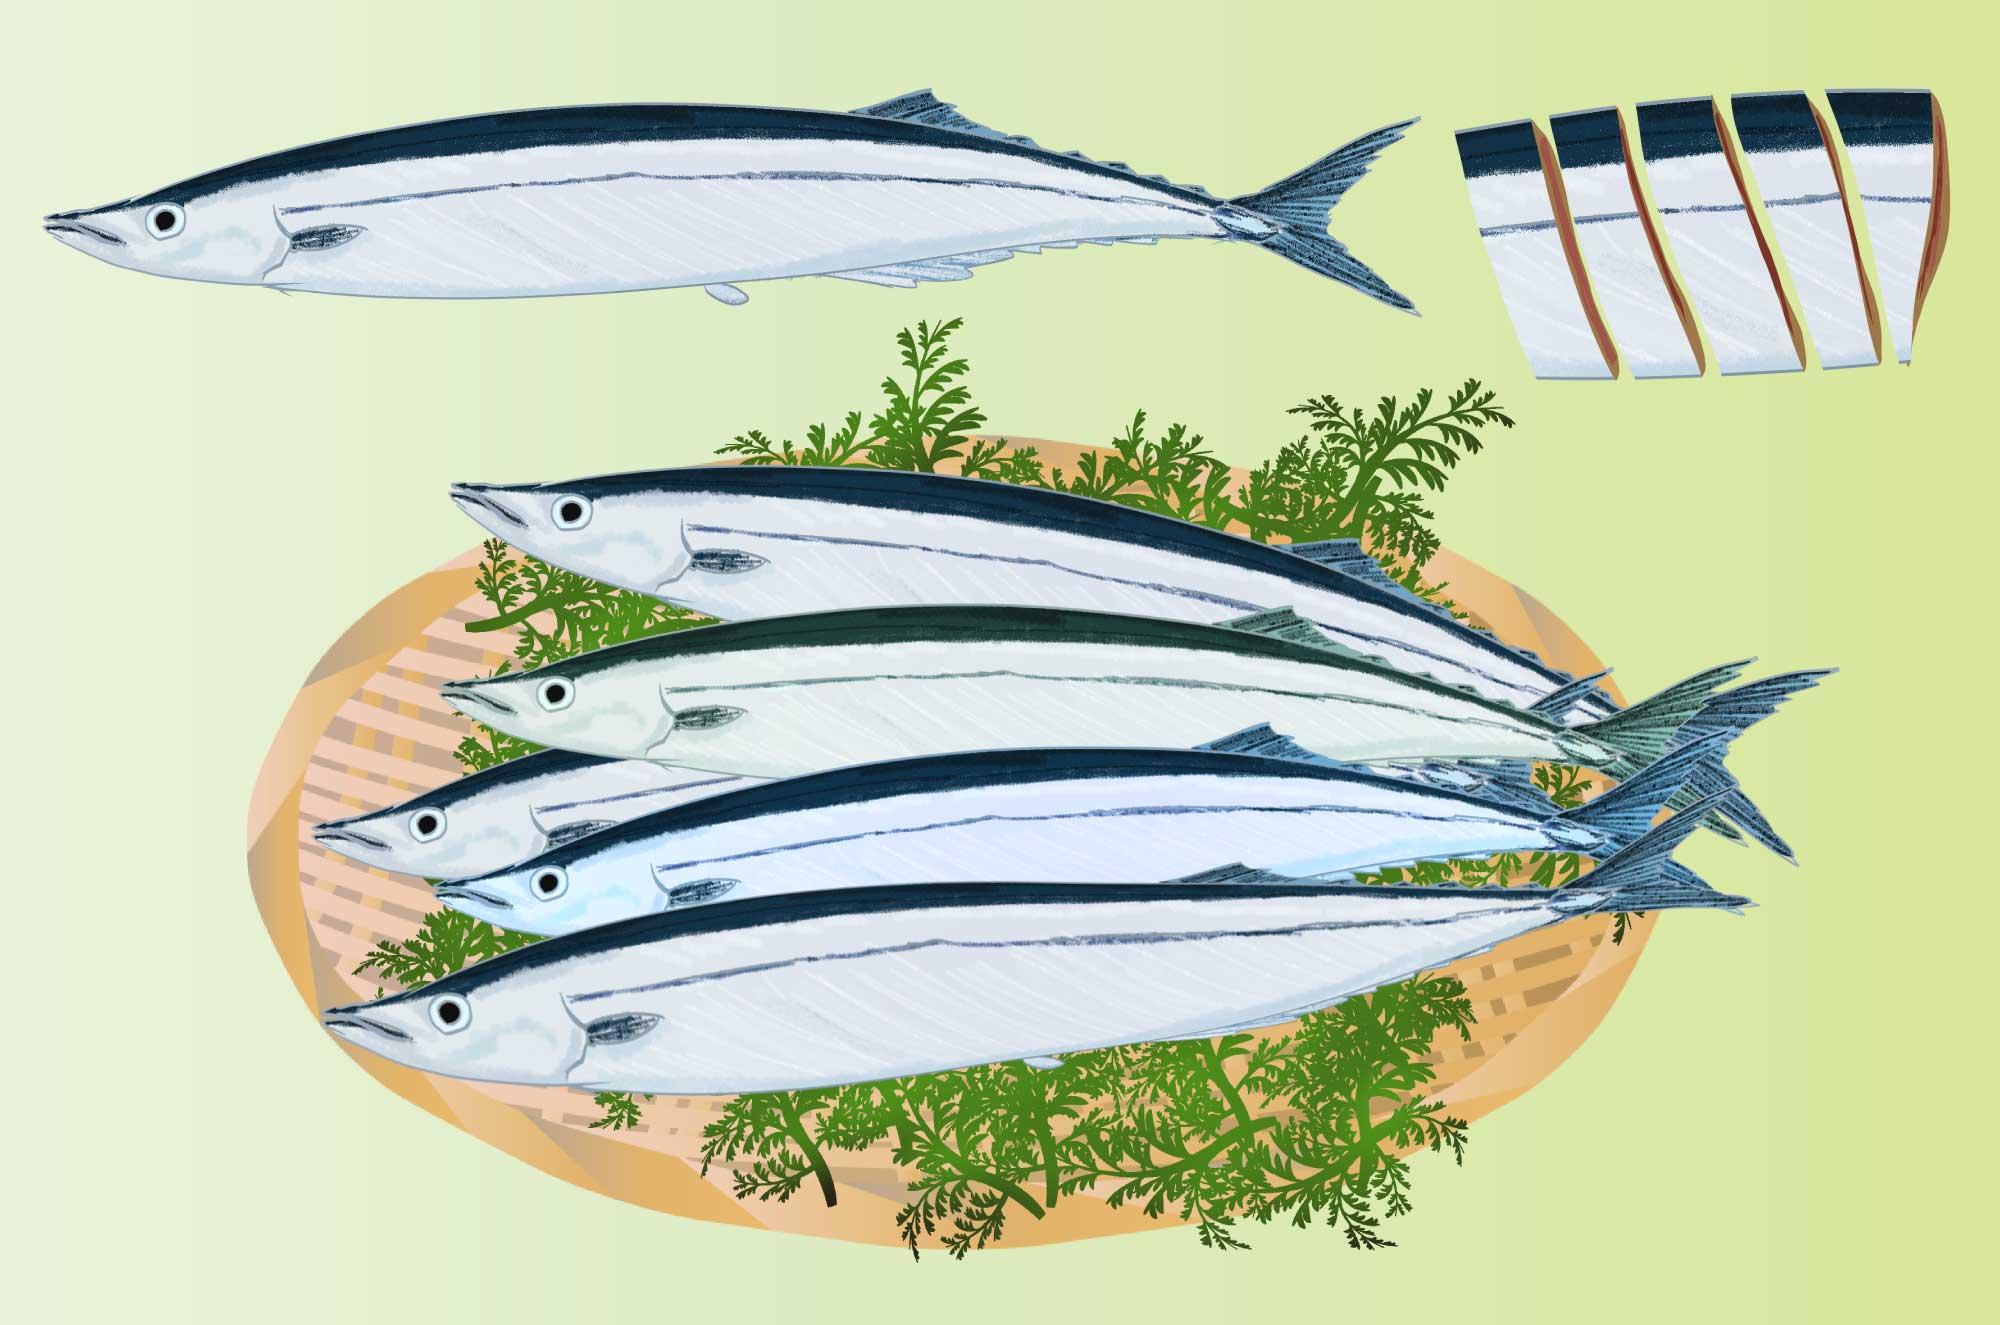 サンマ(秋刀魚)の無料イラスト - 美味しそうな魚素材